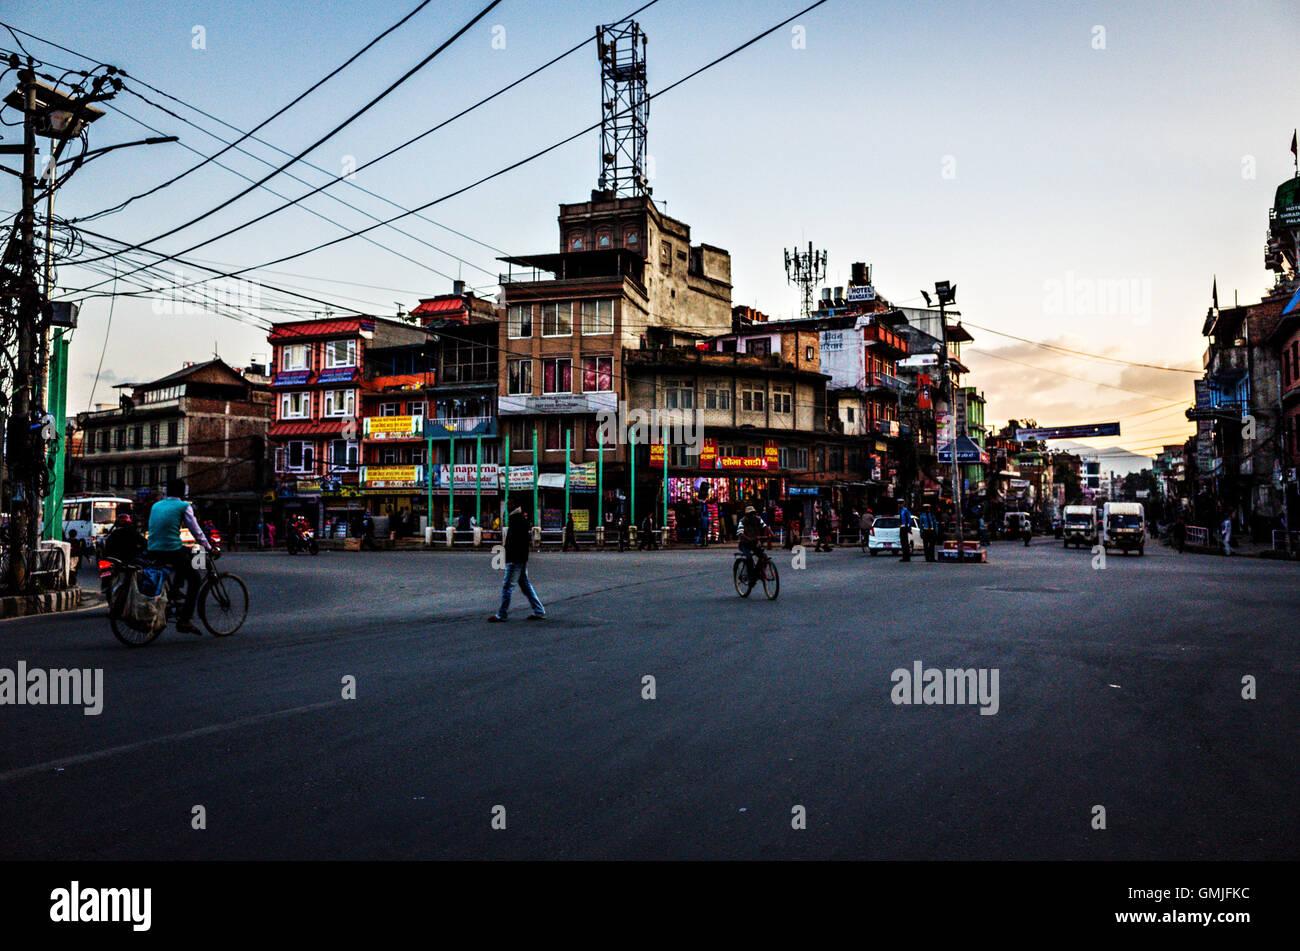 Gaushala chowk, Kathmandu, Nepal - Stock Image